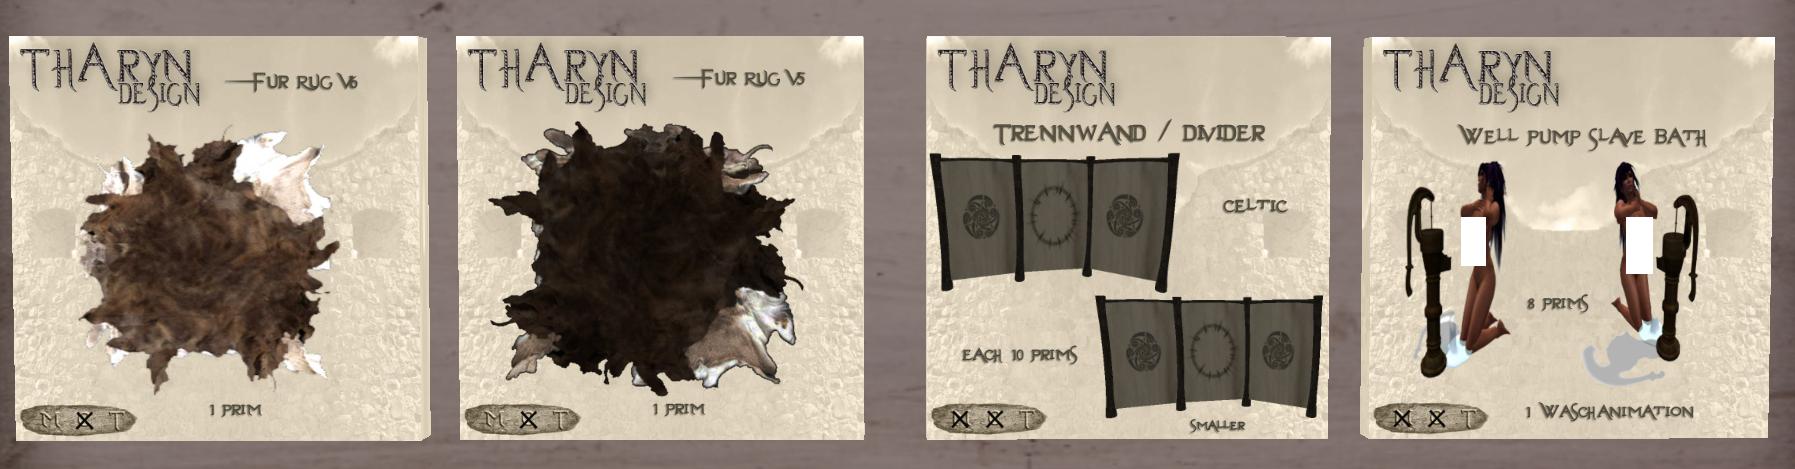 Tharyn Design http://maps.secondlife.com/secondlife/Ersame/74/75/4001